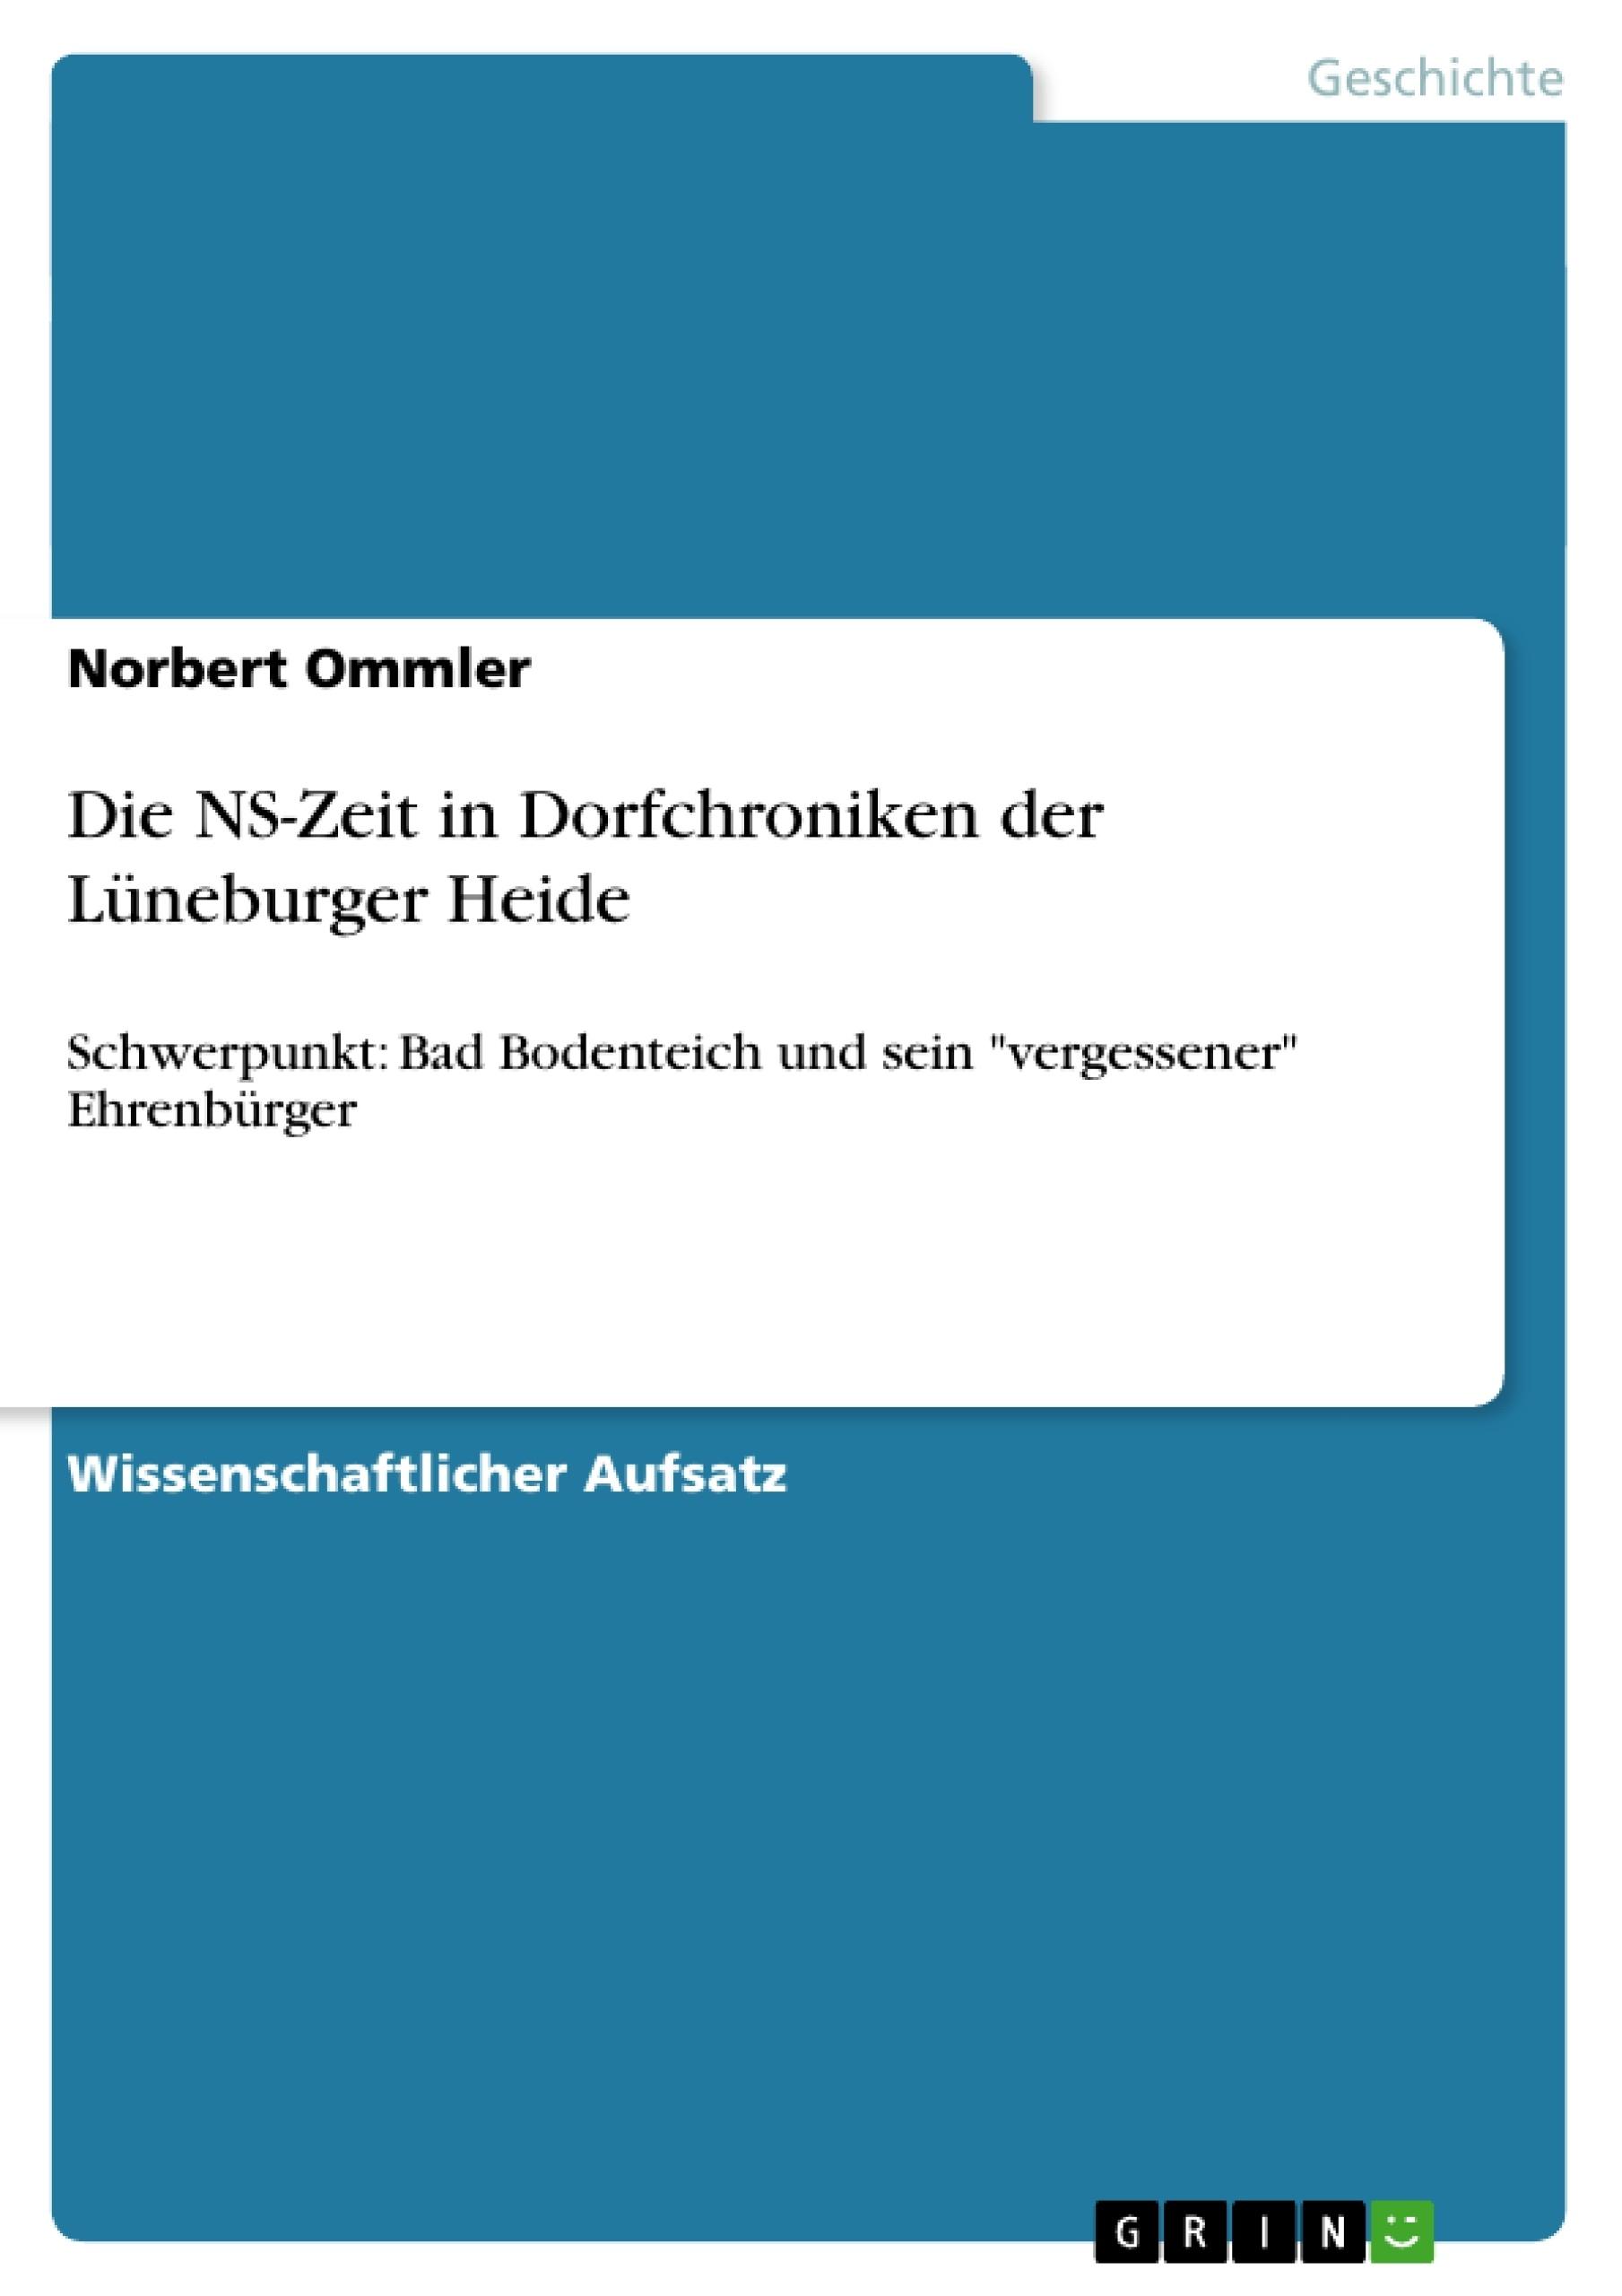 Titel: Die NS-Zeit in Dorfchroniken der Lüneburger Heide